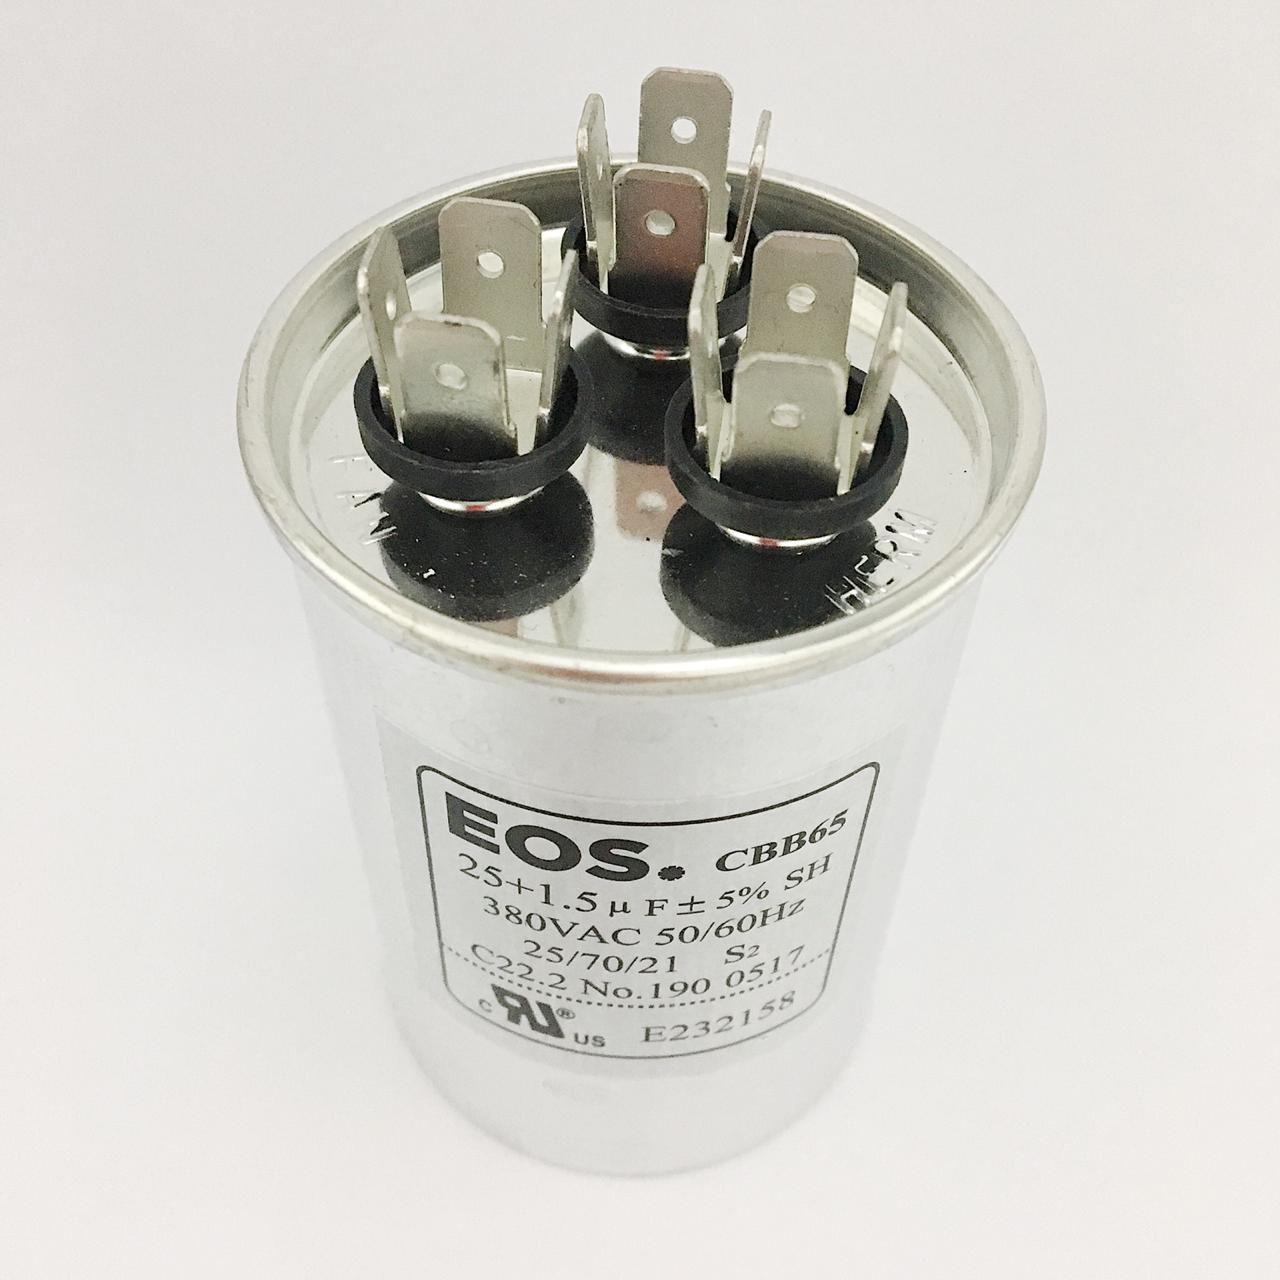 Capacitor 25+1.5 MFD 380V 50/60Hz